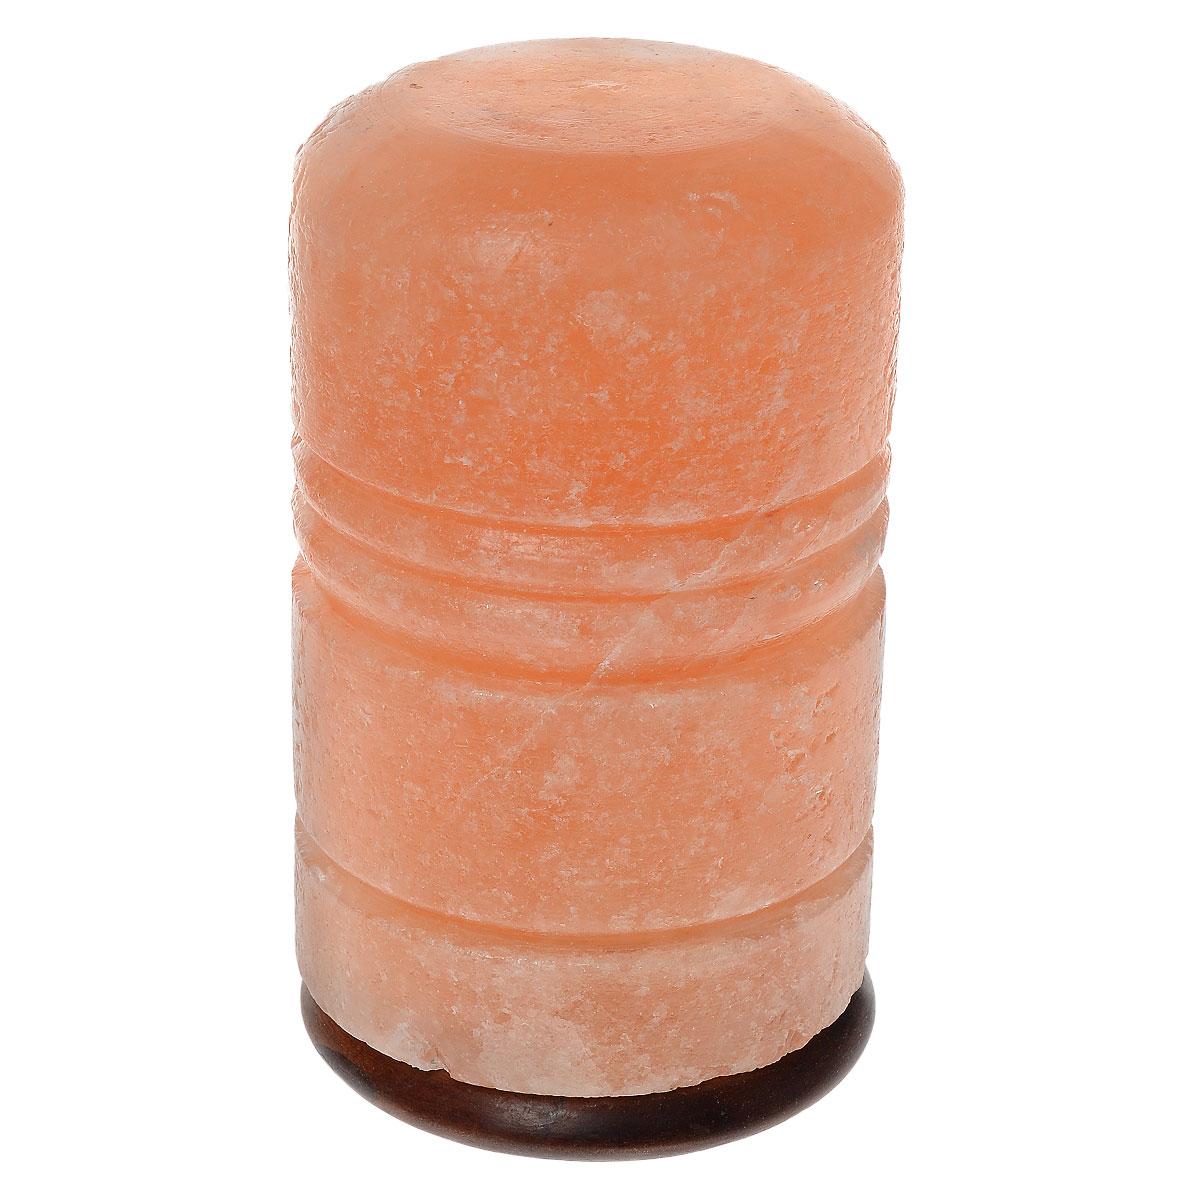 Солевая лампа Zenet Римский столб, 3-5 кг44200-2WСолевая лампа Zenet - это уникальный прибор, который станет изюминкой вашего интерьера, благотворно повлияет на организм и очистит воздух в помещении. Материал плафона лампы - натуральная каменная соль из Пакистана (самая древняя на планете). Внутри расположена обычная электрическая лампа мощностью 15 ватт. Будучи включенной, лампочка нагревает окружающий ее кристалл, благодаря чему в помещении ощутимо увеличивается количество отрицательных ионов, благотворно влияющих на самочувствие и здоровье человека. Таким образом, солевая лампа является естественным ионизатором воздуха. При этом благородный красноватый оттенок кристалла создает очень теплое, загадочное свечение. Благодаря особенностям строения кристаллической решетки соль нейтрализует вредное влияние электромагнитного излучения, производимого работой бытовой и промышленной техники. Солевая лампа благотворно влияет на здоровье, укрепляет иммунитет и повышает жизненный тонус, гармонизирует психику. Кристаллическая соль значительно помогает в лечении многих болезней. Биоэнерготерапевты и литотерапевты рекомендуют оздоравливающее влияние кристаллов соли, чтобы поддержать лечение аллергии, системных респираторных и кровяных болезней. Они часто используются при лечении ревматизма. Лечебные особенности соли были доказаны тем, что рабочие в соляных шахтах очень редко страдают системными заболеваниями воздушных дыхательных путей. Изделие работает от сети 220 В. Переключатель расположен на шнуре. Напряжение: 220 В. Максимальная мощность: 15 Вт. Тип патрона: Е14.Высота лампы: 21 см. Диаметр подставки: 12 см. Высота подставки: 2 см. Длина шнура: 190 см. Вес: 3-5 кг.